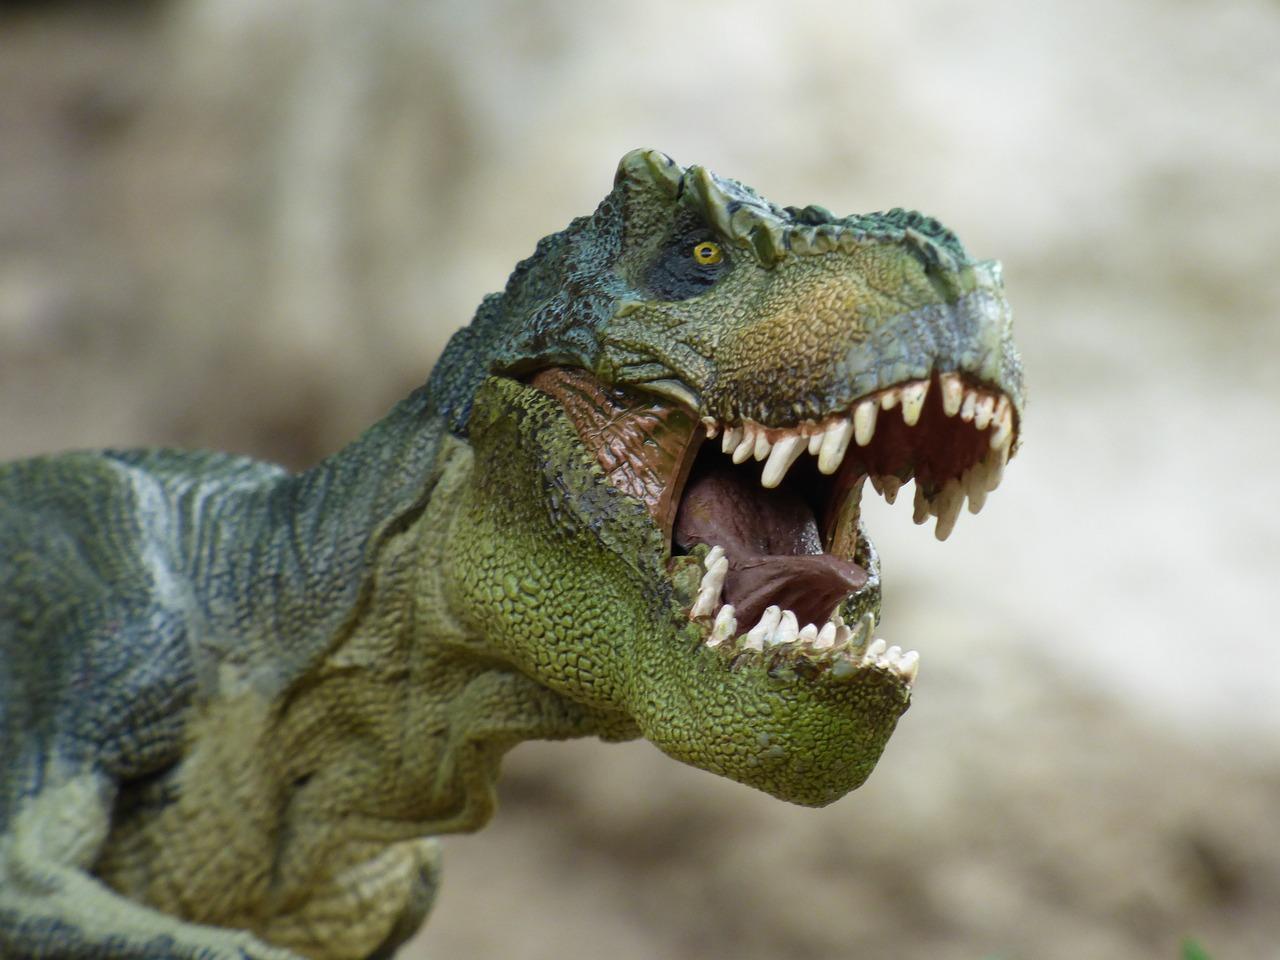 ティラノサウルス, 恐竜, 先史時代, グッズ, ゲーム, 小さな像, 肉食動物